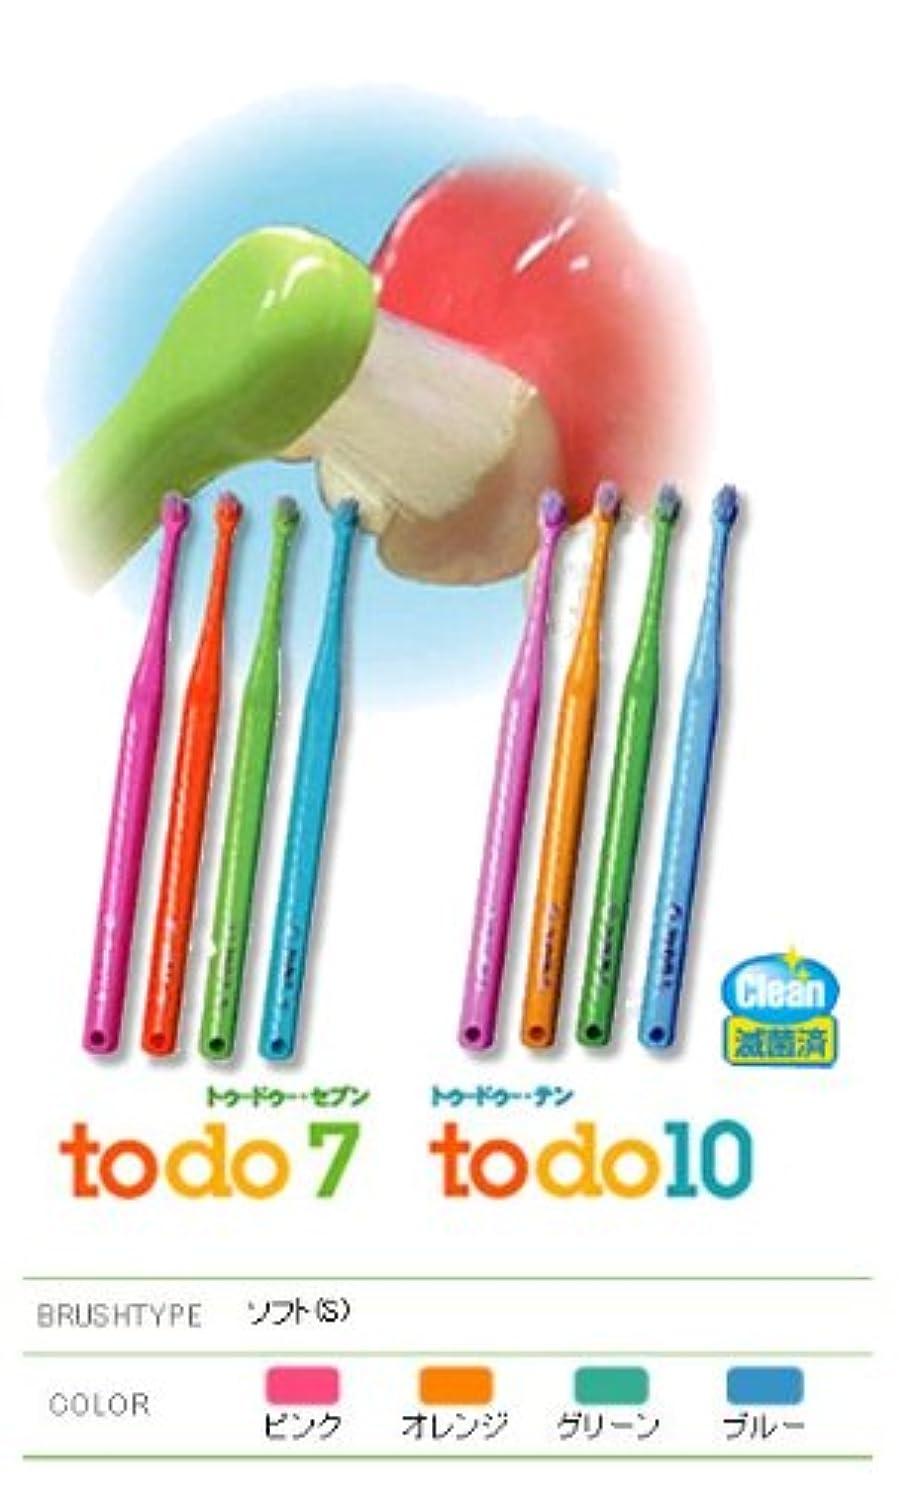 失効ヒップ音楽を聴く【オーラルケア】【歯科用】todo10 1箱(24本)【歯ブラシ】【滅菌済】4色(アソート)トゥードゥー?テン